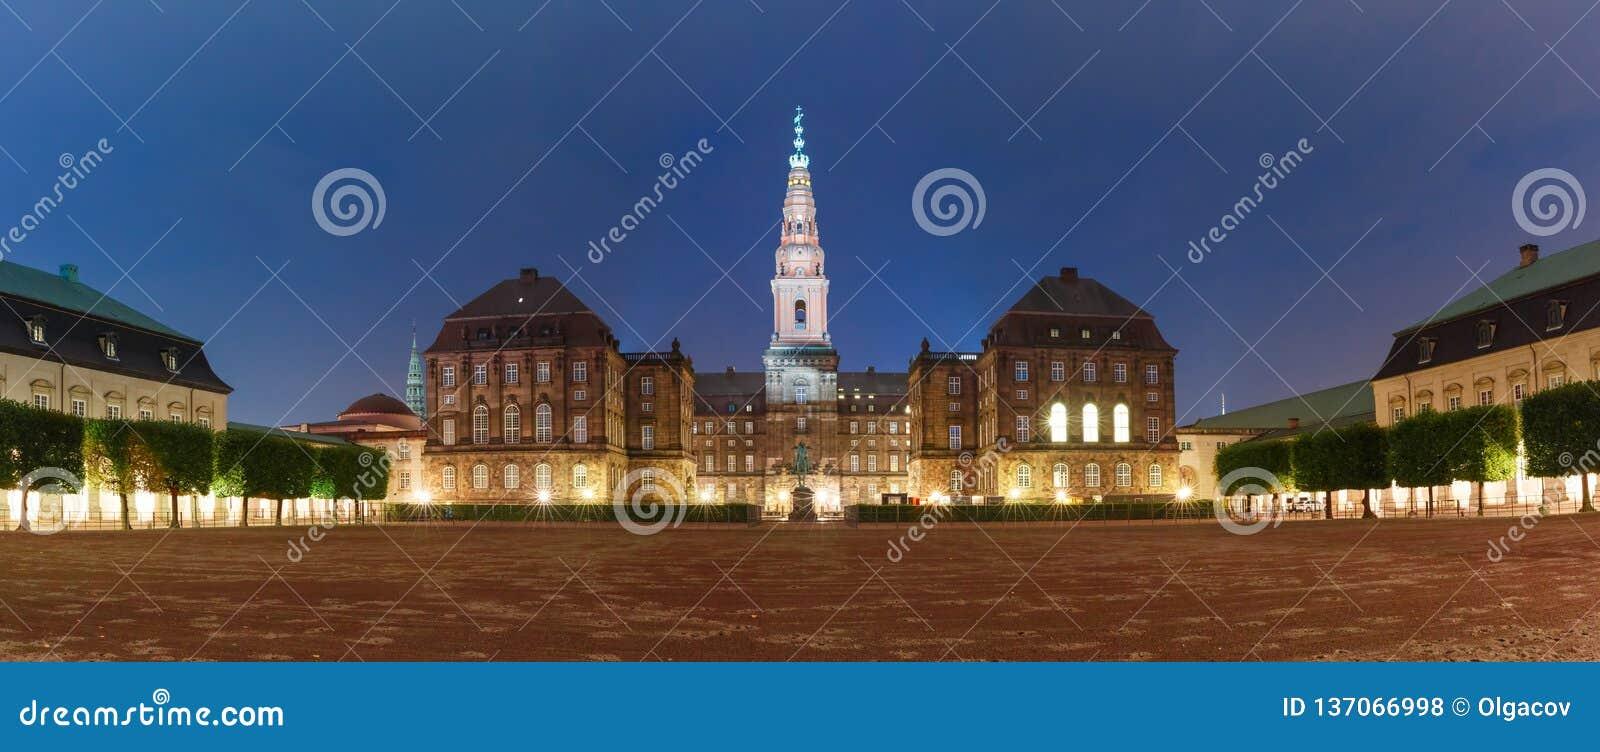 Christiansborg-Palast in Kopenhagen, Dänemark